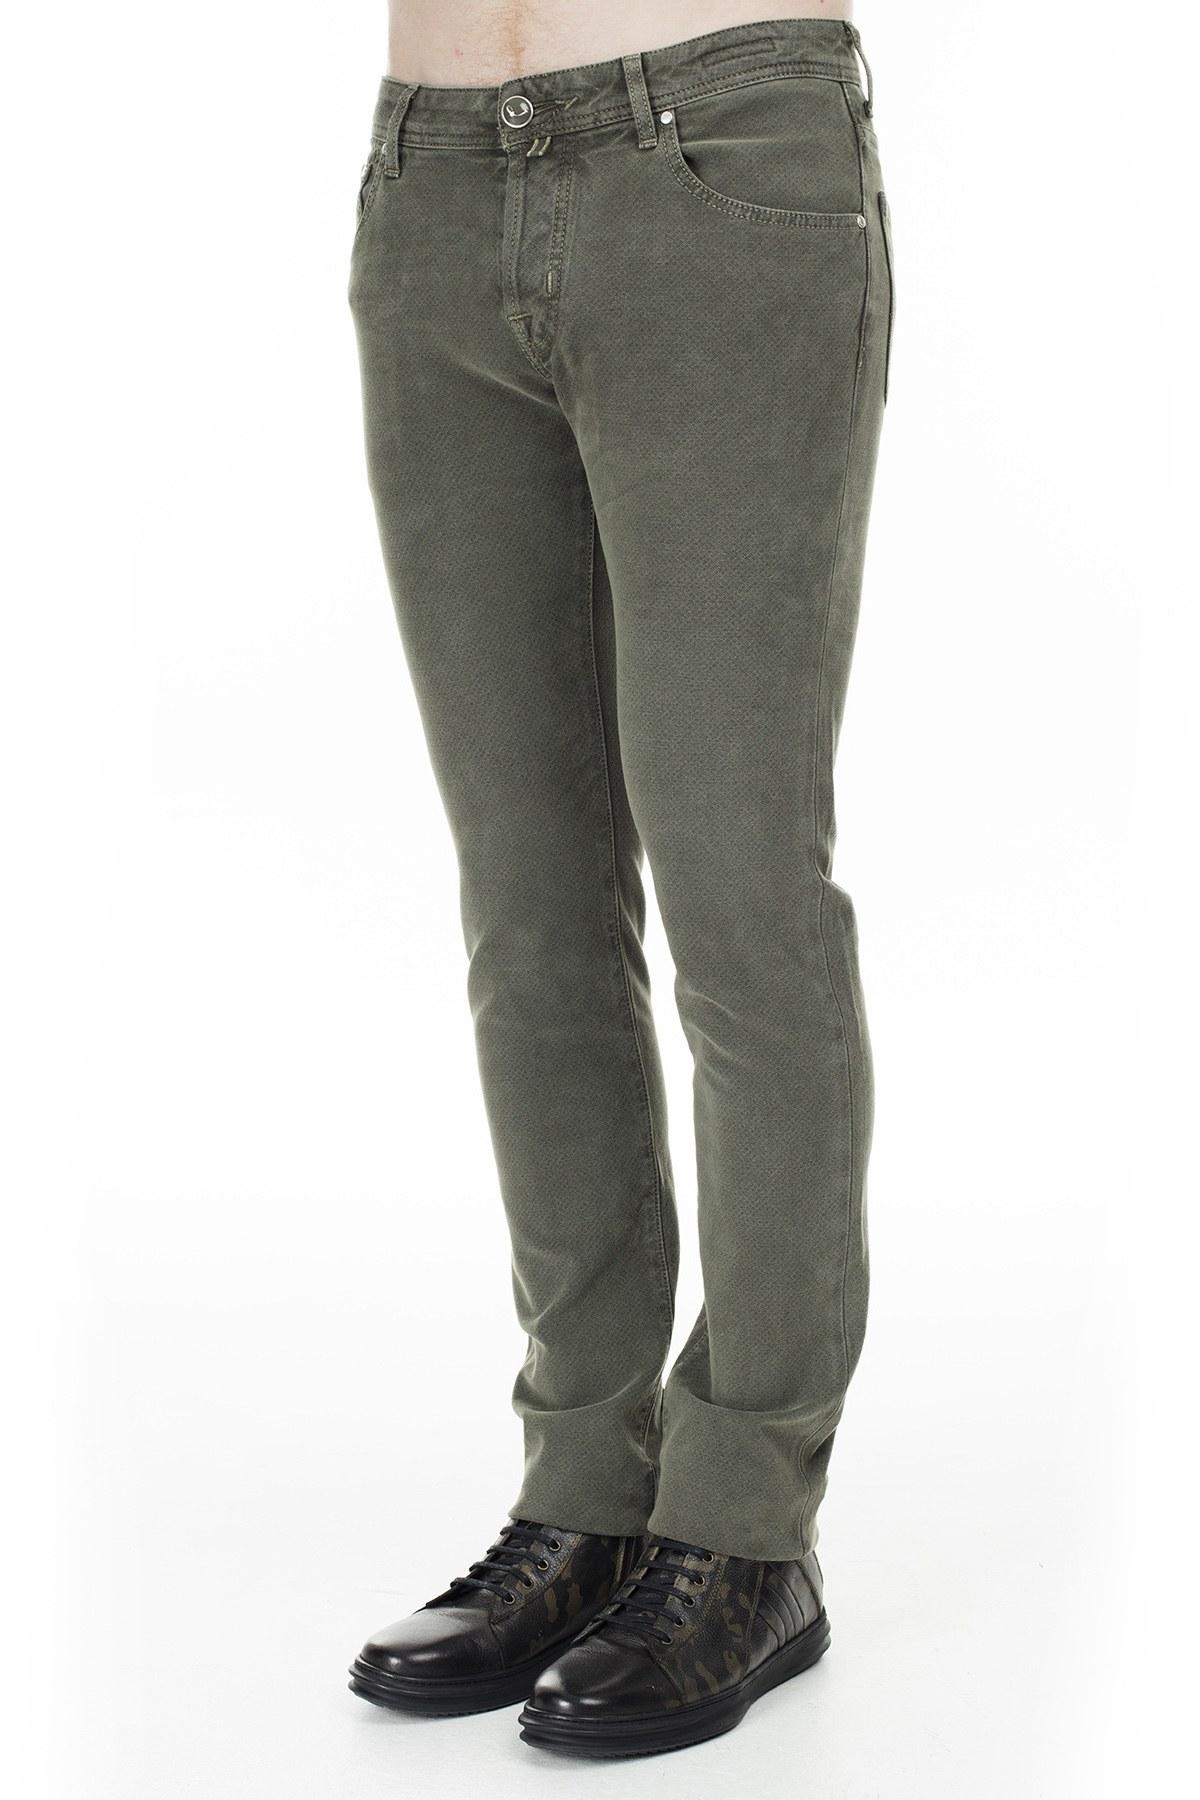 Jacob Cohen Jeans Erkek Pamuklu Pantolon J622 01661V 727 HAKİ